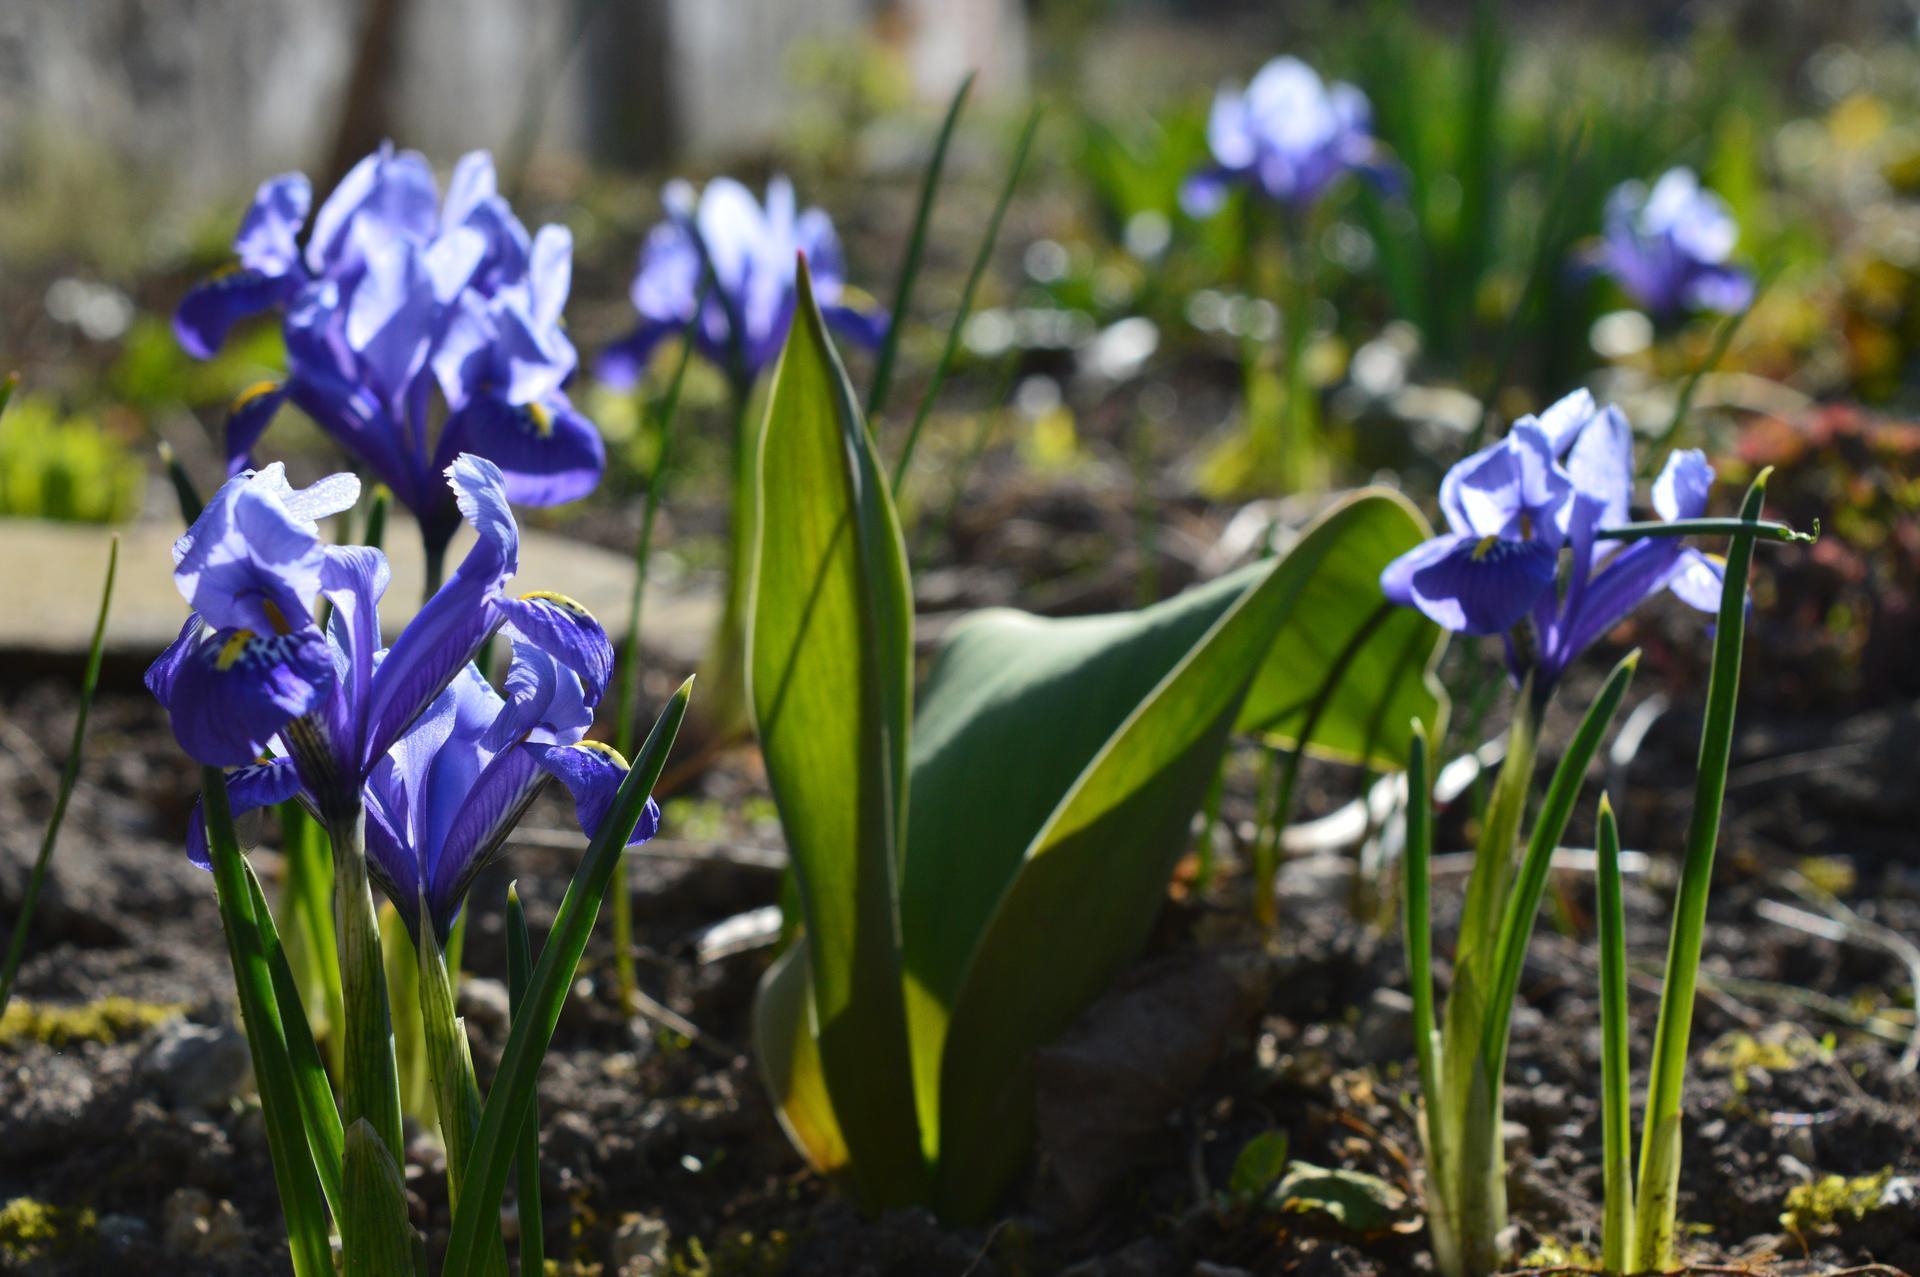 Naša prírodná perma záhradka v roku 2020 - vlani darované v kvetináči, teraz nádherne zdobia predný záhon